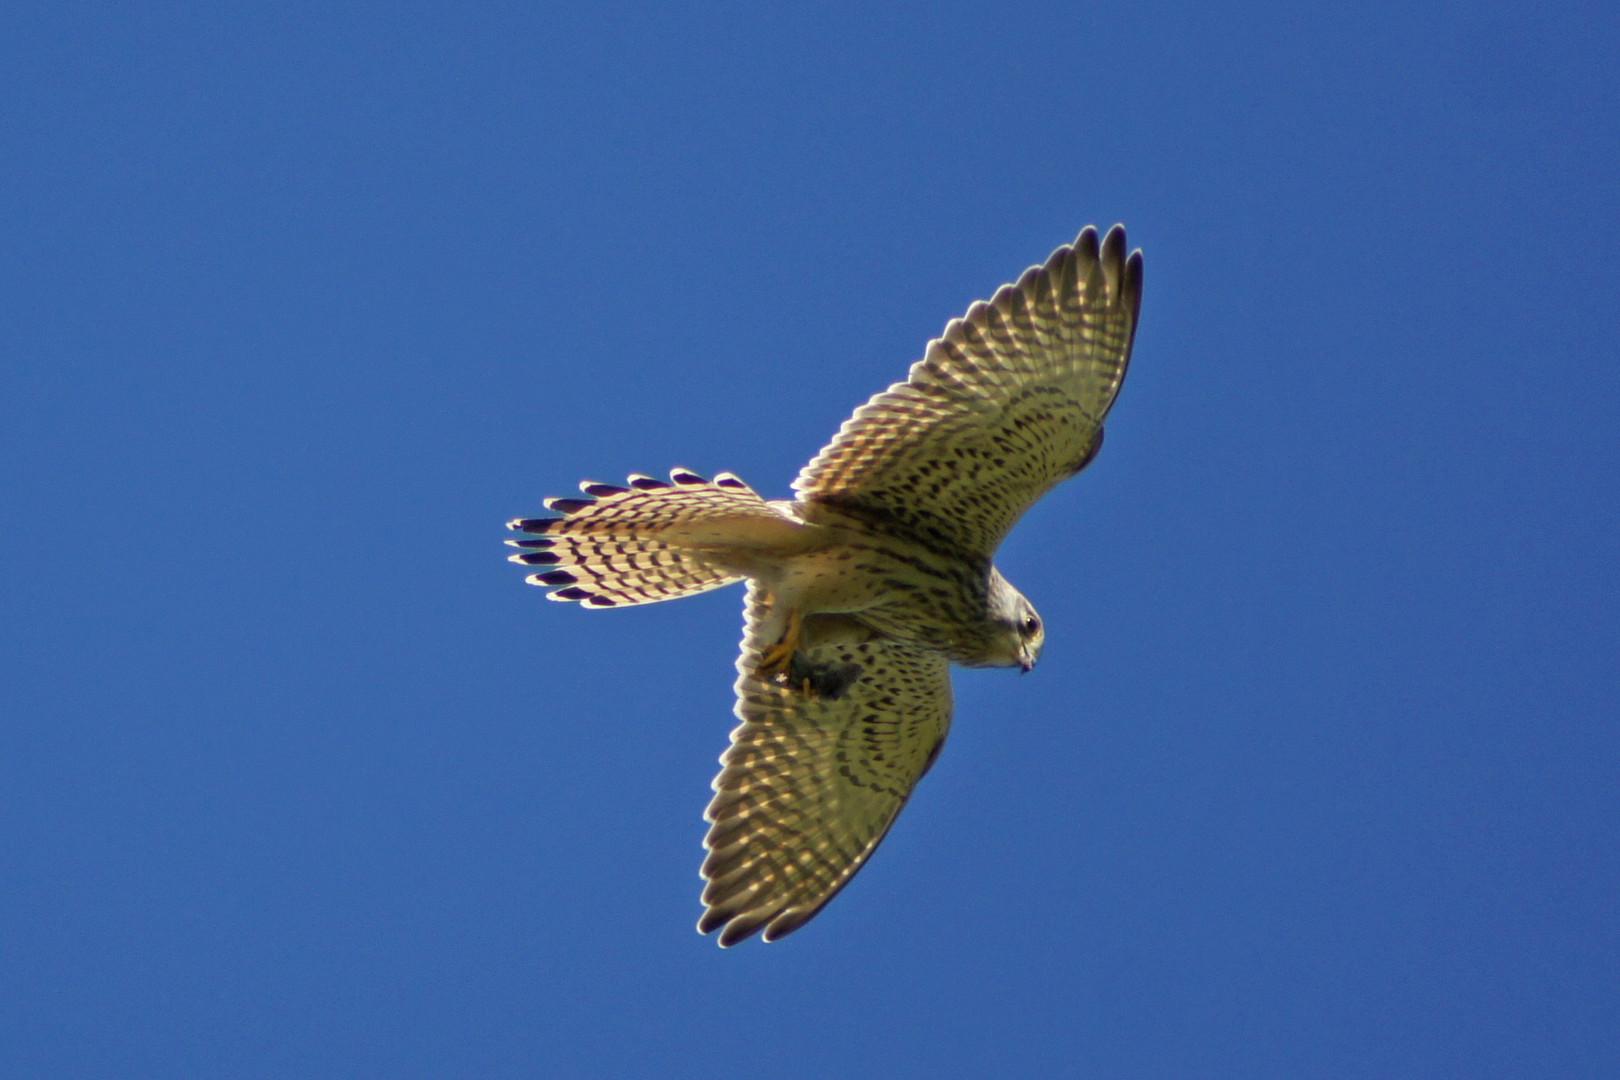 Beute in Ordnung, Falke sucht sich ein ruhiges Plätzchen